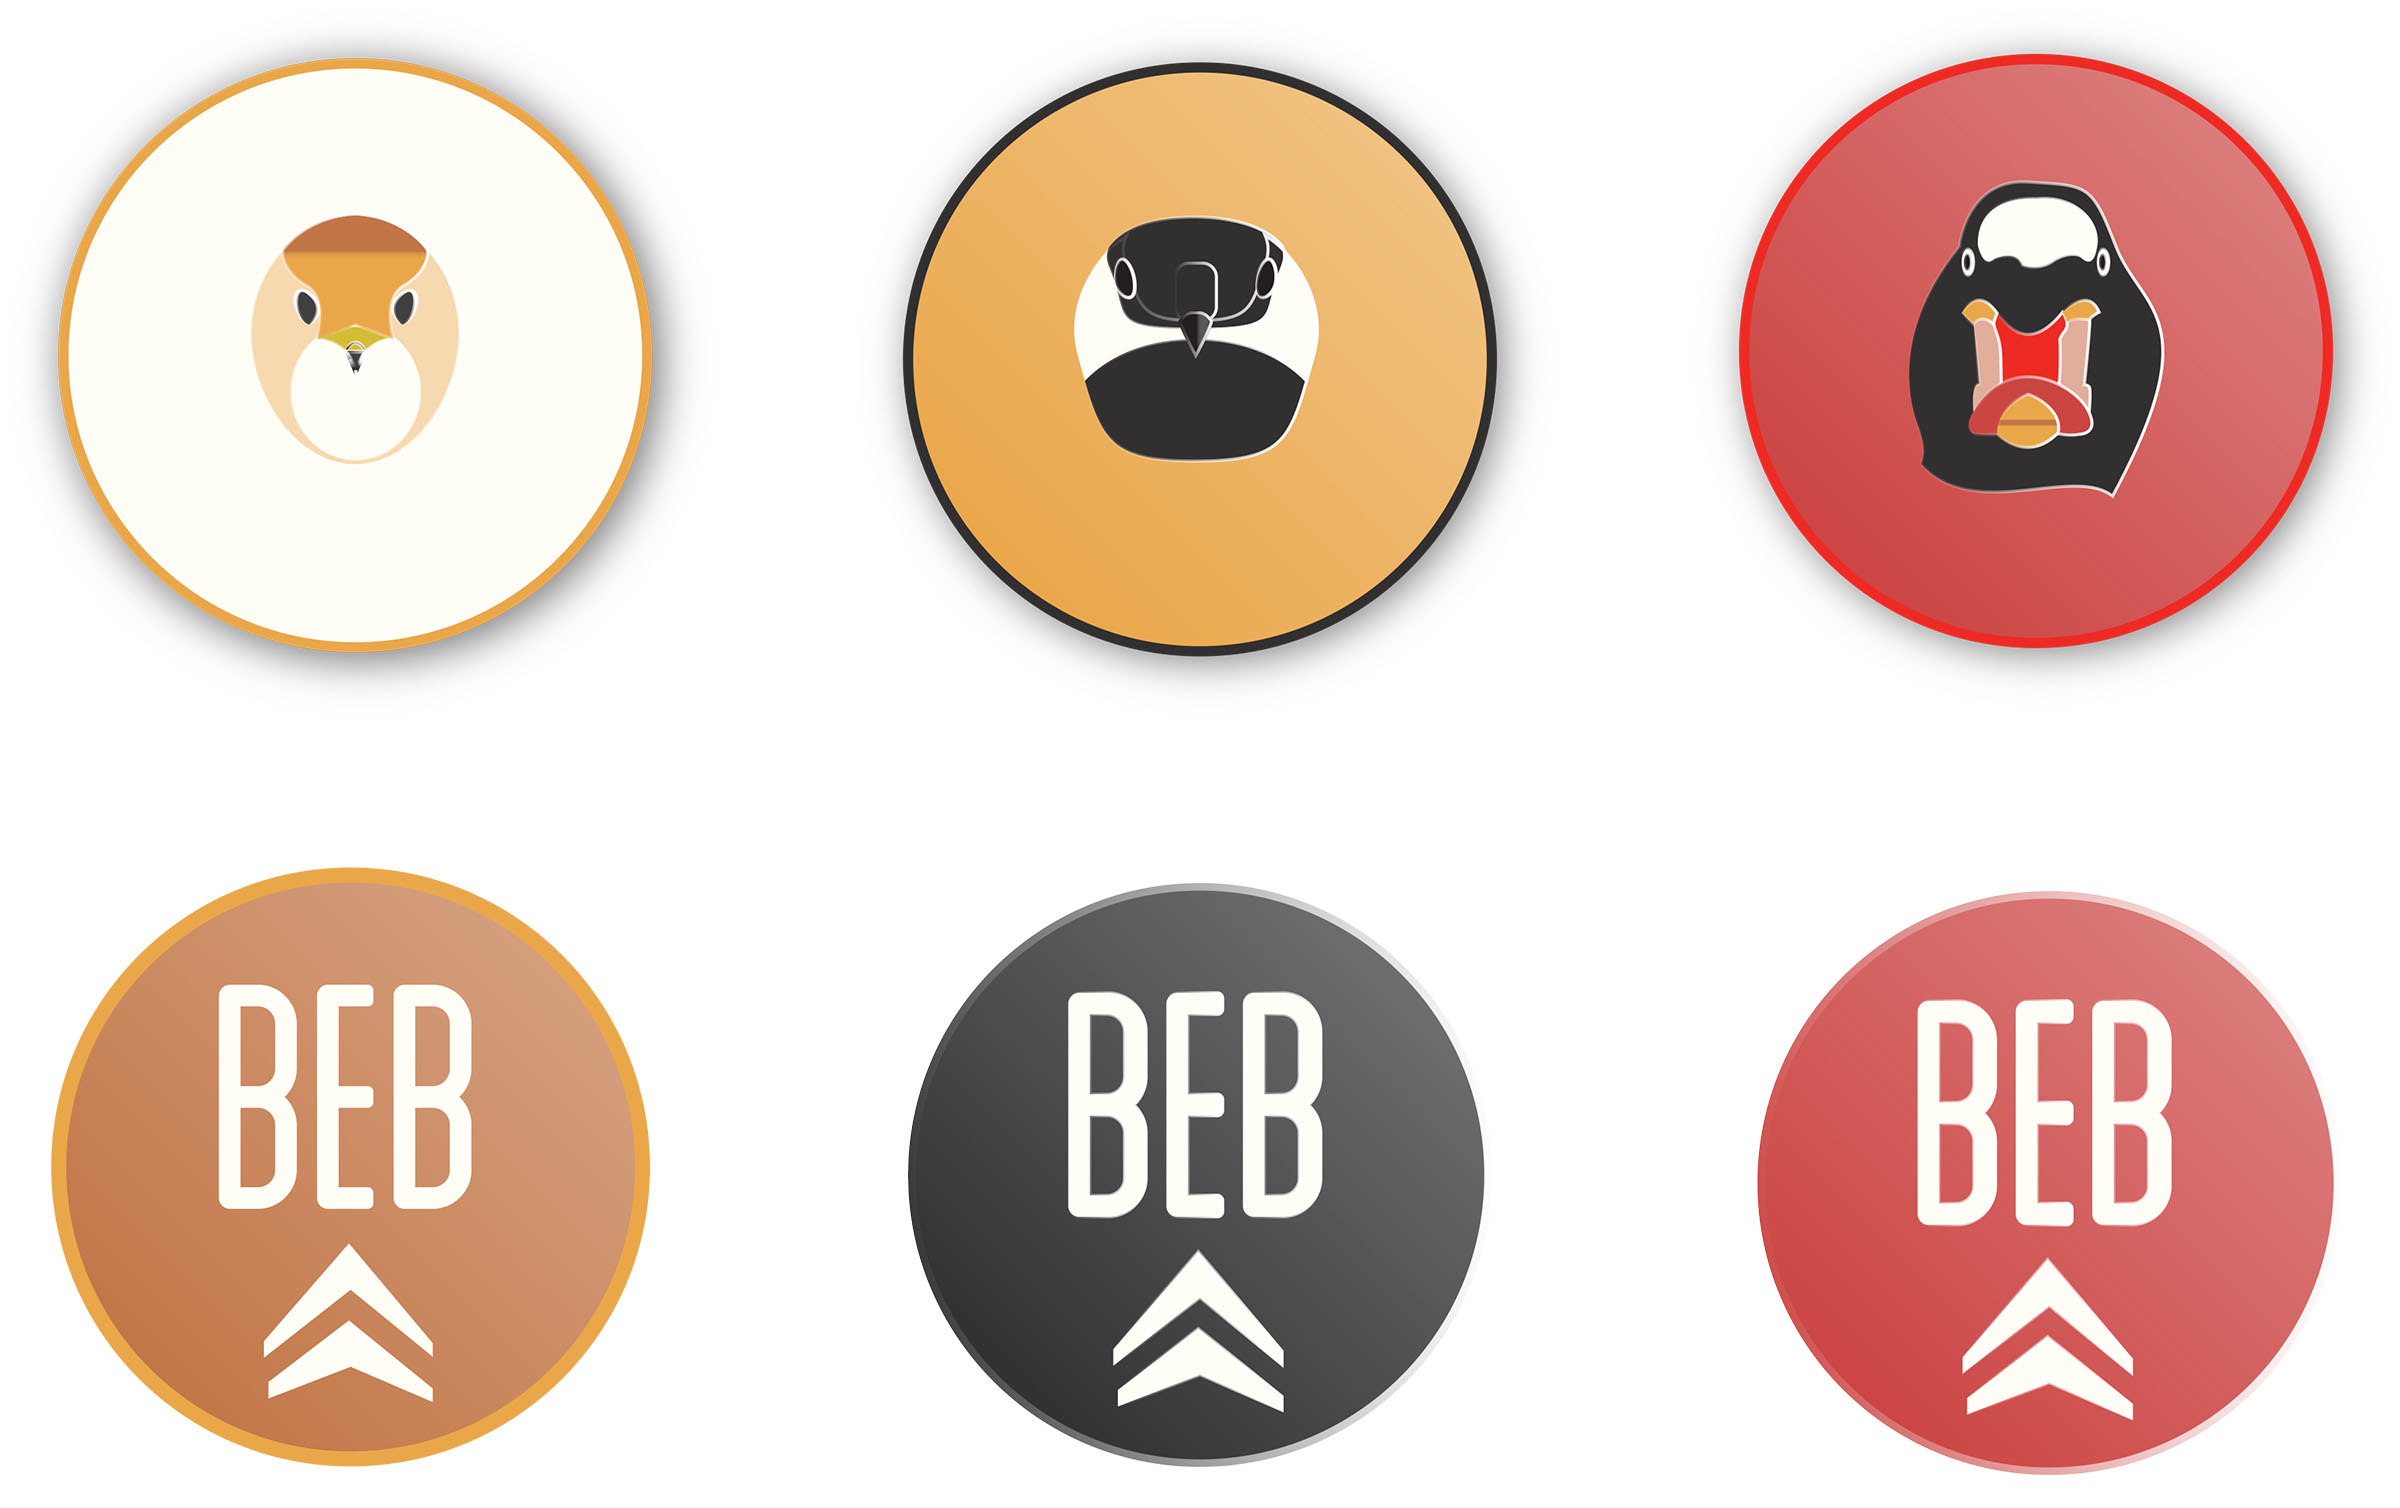 BEB_coasters.jpg